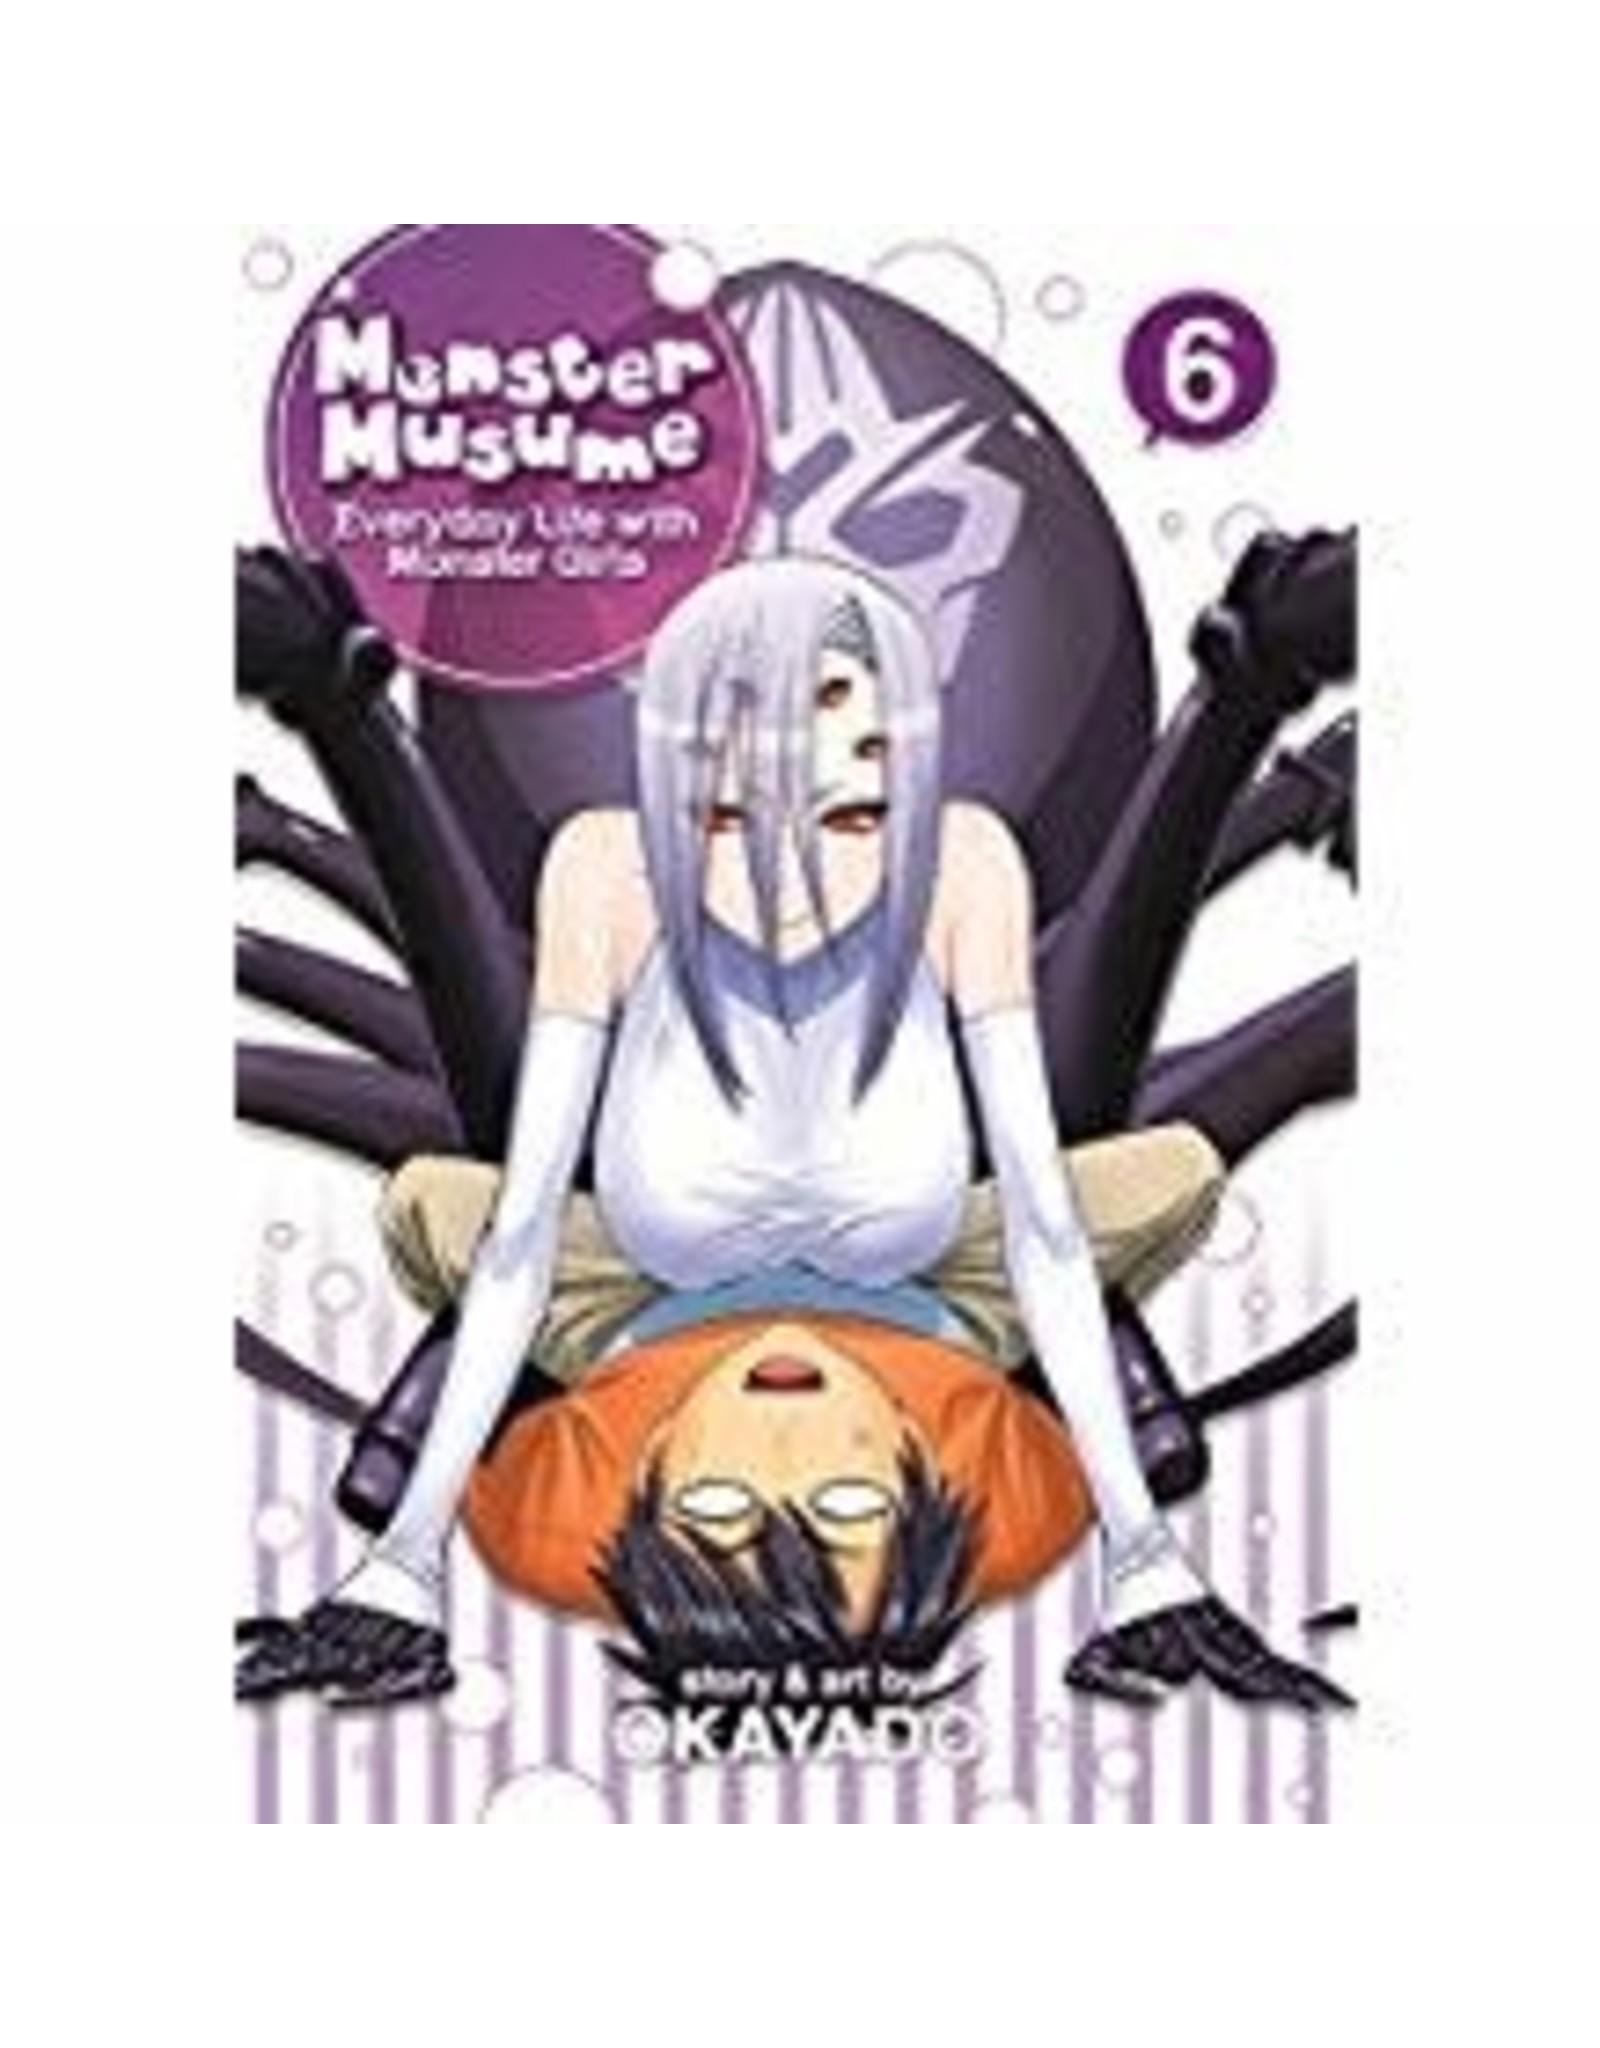 Monster Musume Volume 06 (English Version)